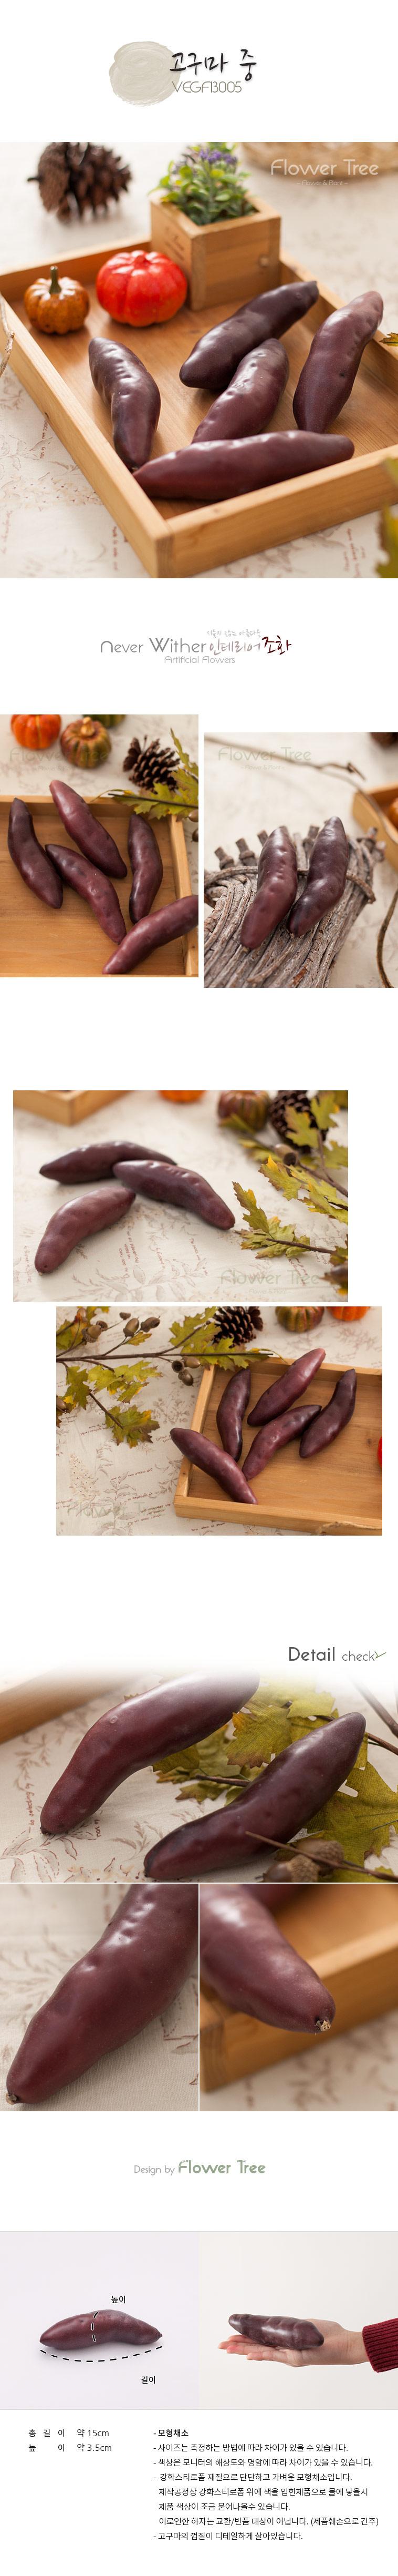 고구마 중 FOFDFT 모형 모조 과일 채소 소품 주방장식 - 플라워트리, 1,440원, 미니어처, 음식